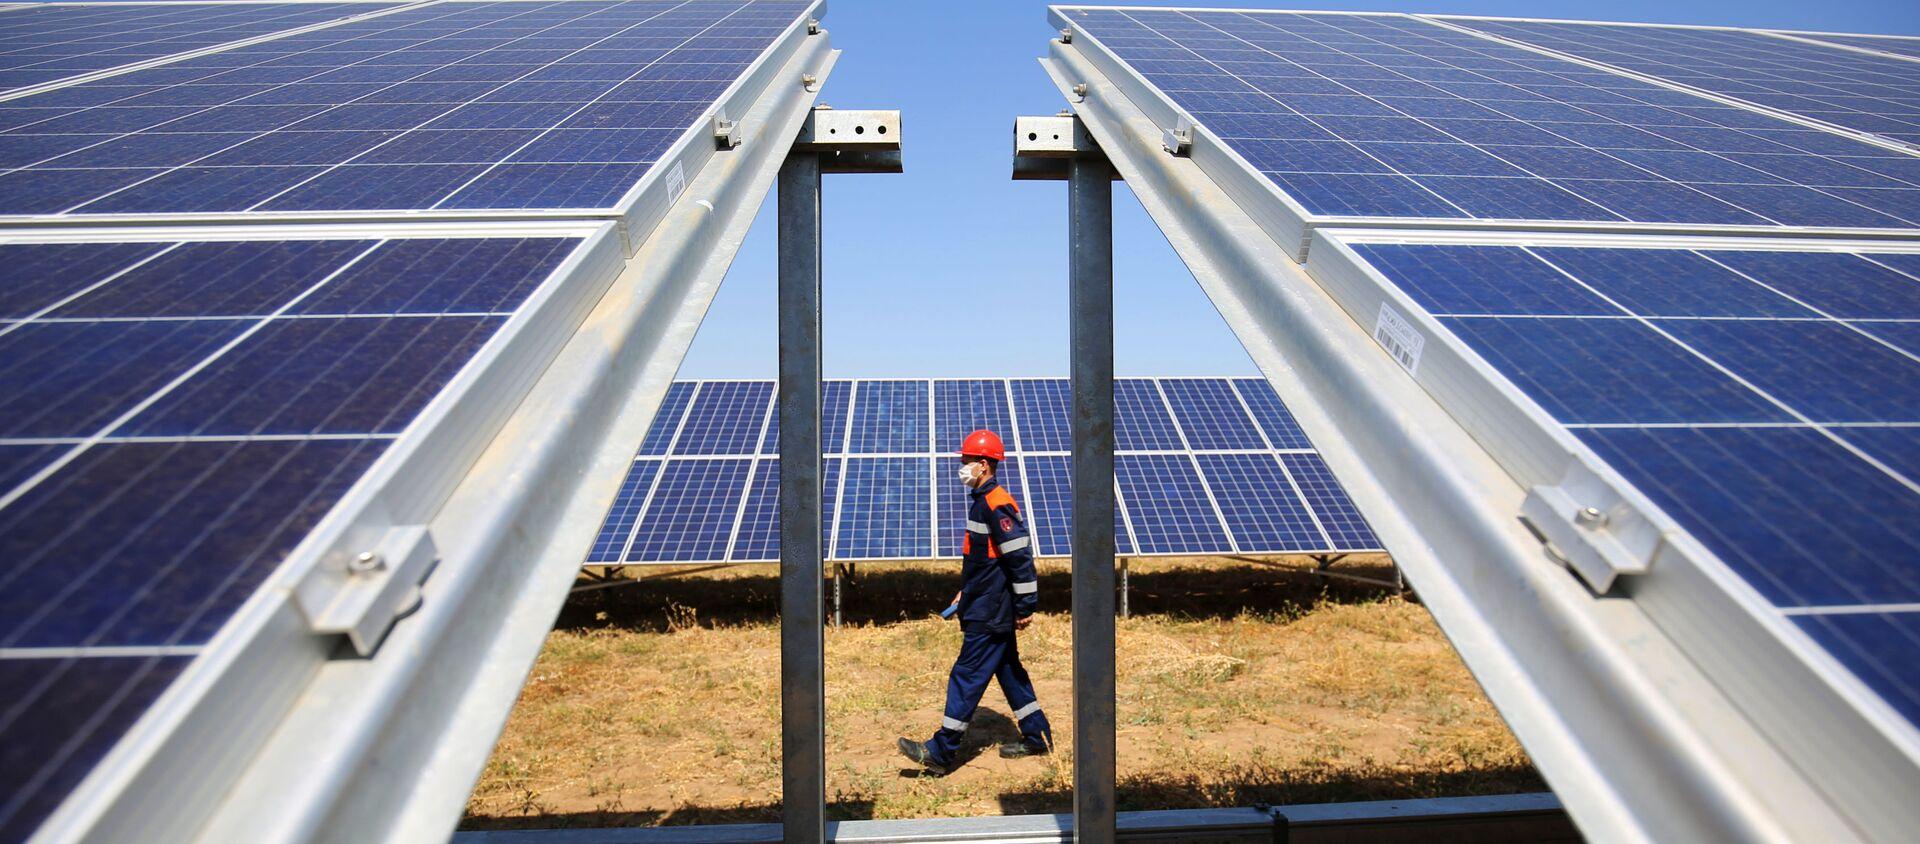 Planta solar en la ciudad rusa de Volgogrado - Sputnik Mundo, 1920, 01.09.2020